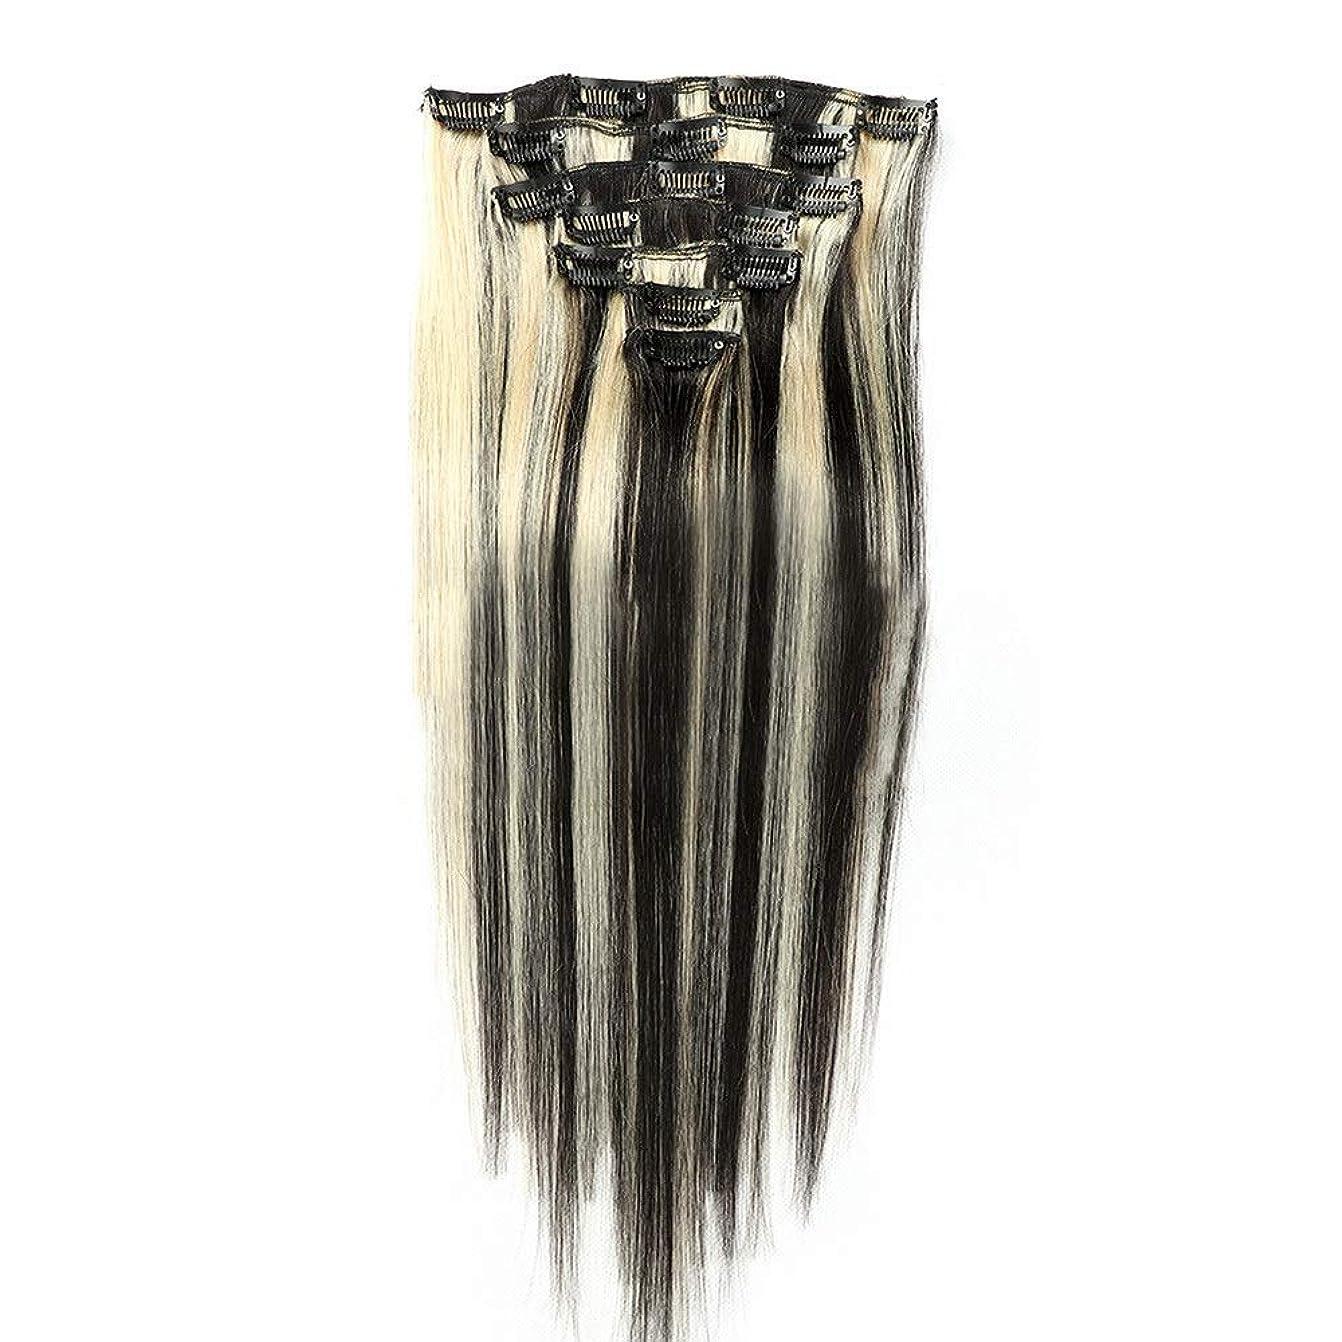 人柄注入する矢じりHOHYLLYA 22インチ本物の人間の髪の毛の毛延長7ピースクリップ - ブロンドの色100 gロールプレイングかつら女性の自然なかつら (色 : #1B/613)